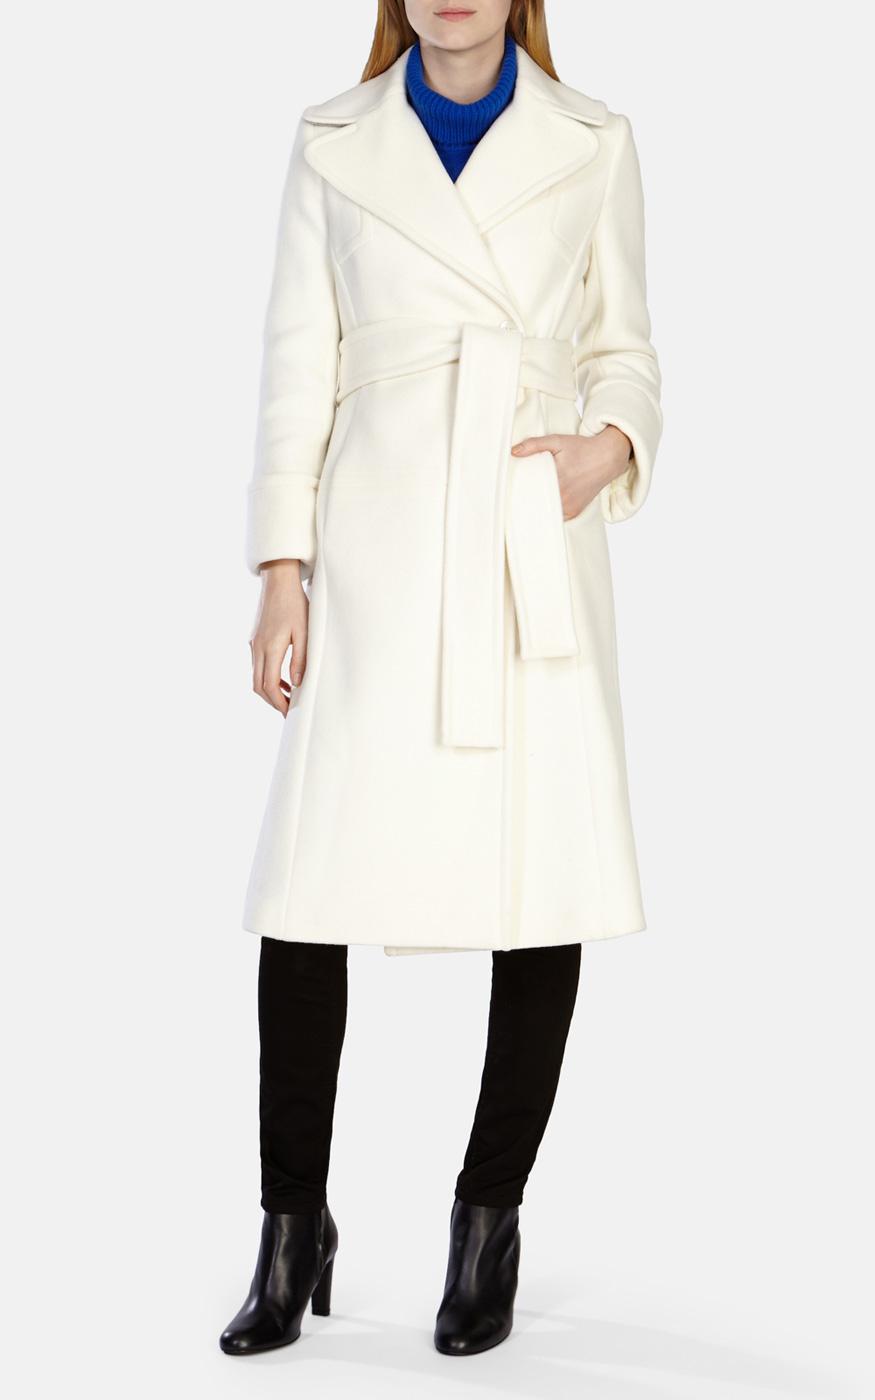 Womens white wool coat